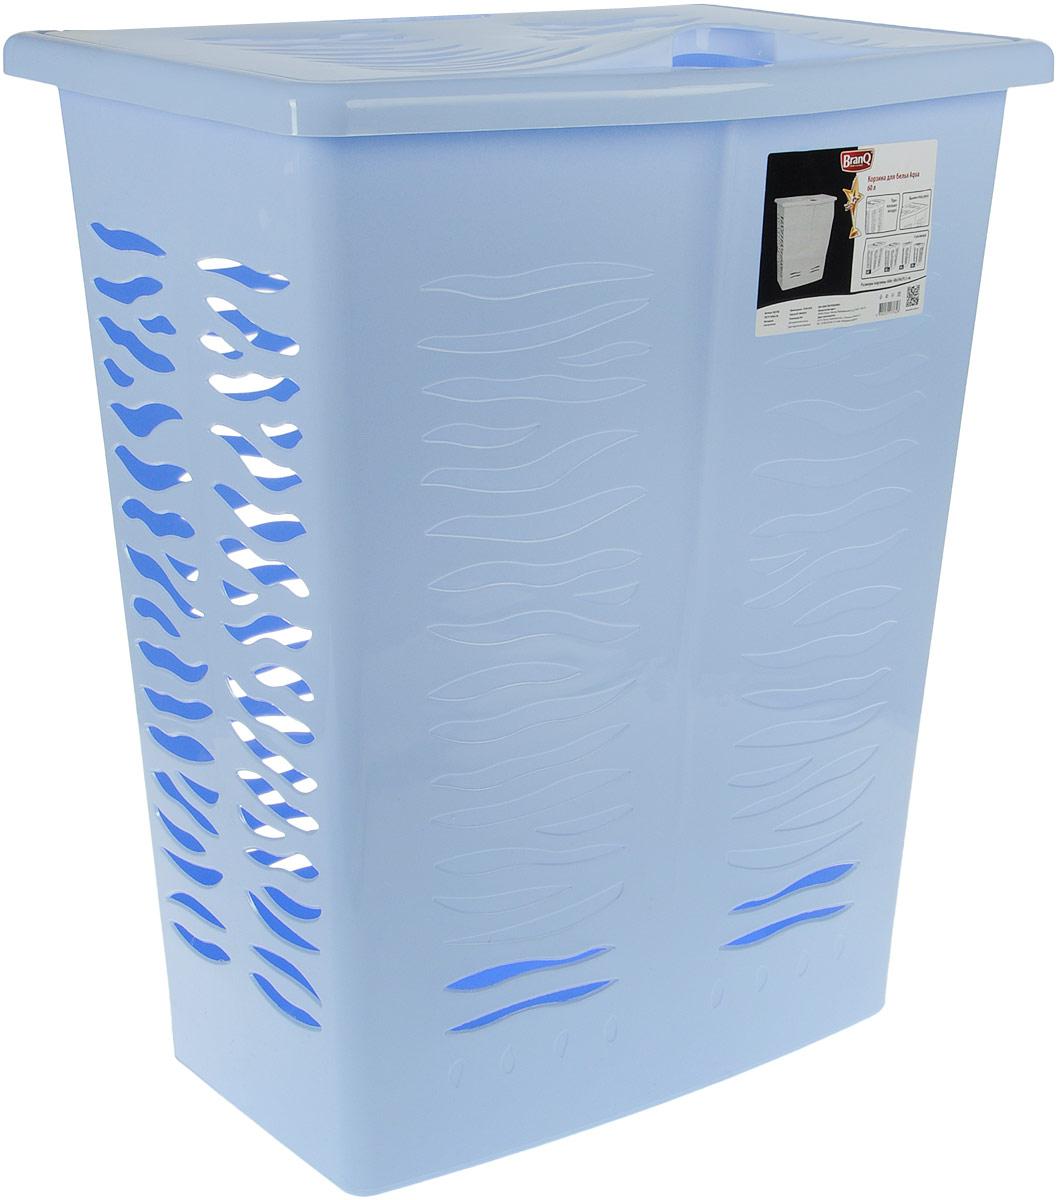 Корзина для белья BranQ Aqua, цвет: голубой, 60 лBQ1694ГЛПКорзина для белья BranQ Aqua изготовлена из прочного полипропилена и оформлена перфорированными отверстиями, благодаря которым обеспечивается естественная вентиляция. Корзина оснащена крышкой и ручкой для переноски. На крышке имеется выемка для удобного открывания крышки. Такая корзина для белья прекрасно впишется в интерьер ванной комнаты.